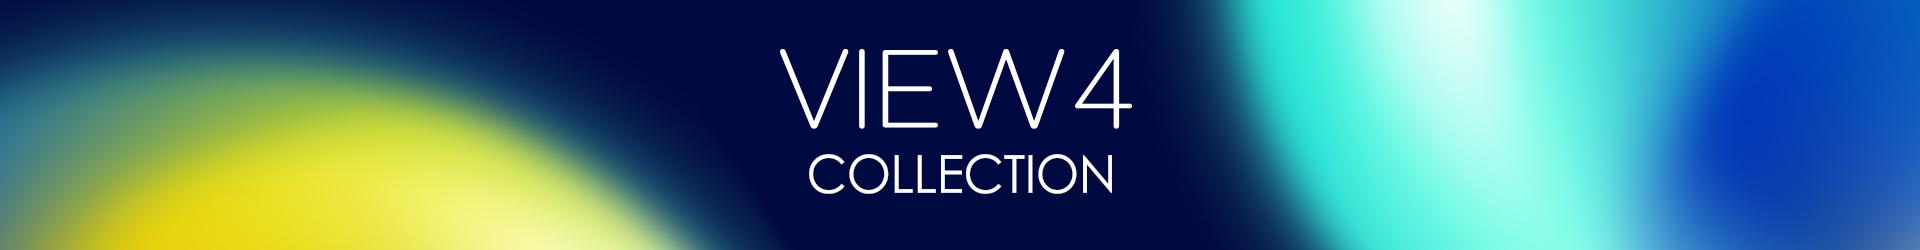 Accessori View4 Collection